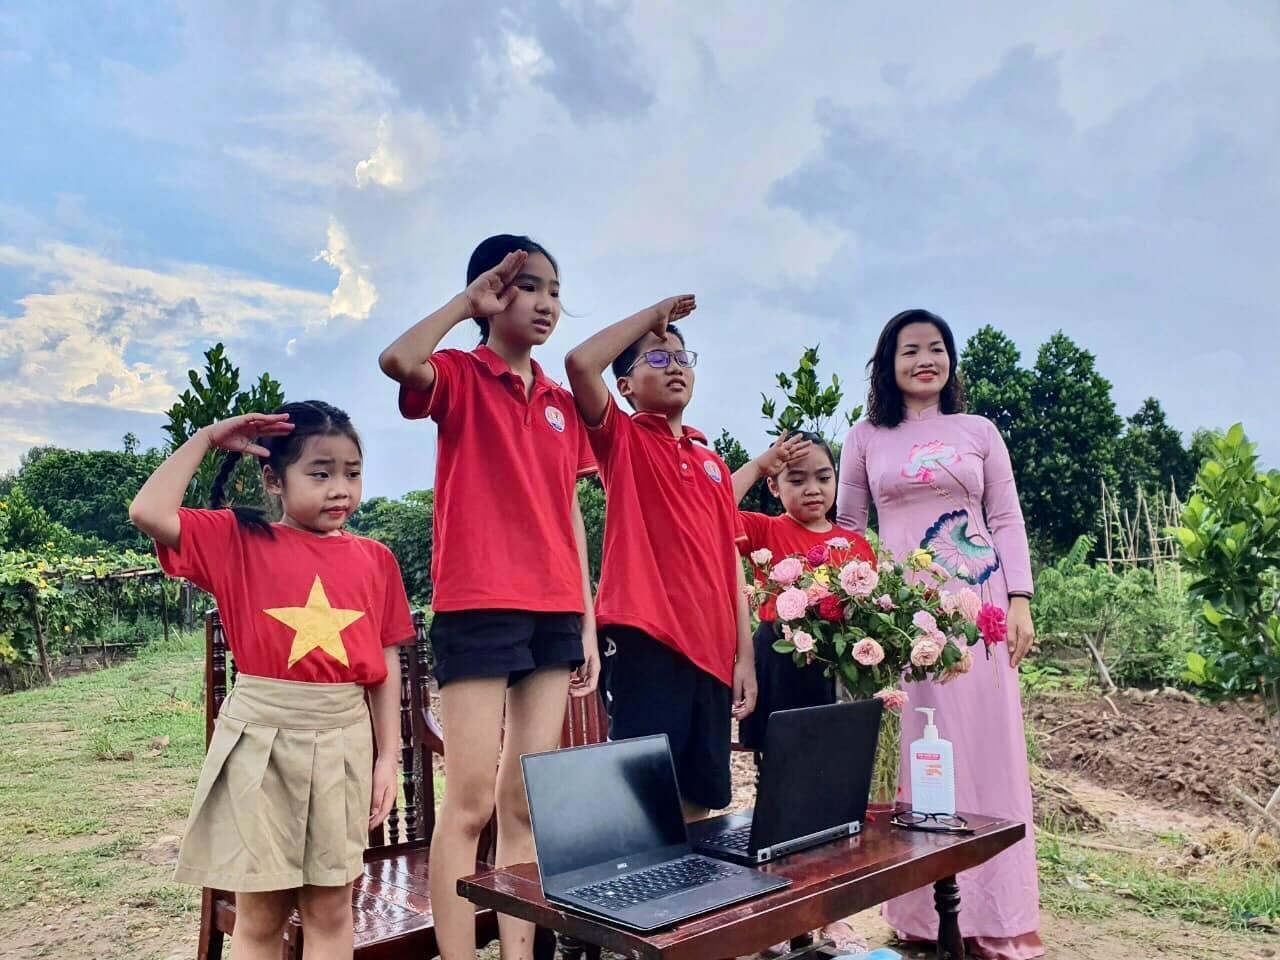 Lễ khai giảng 'chưa từng có', học sinh cả nước bắt đầu năm học đặc biệt